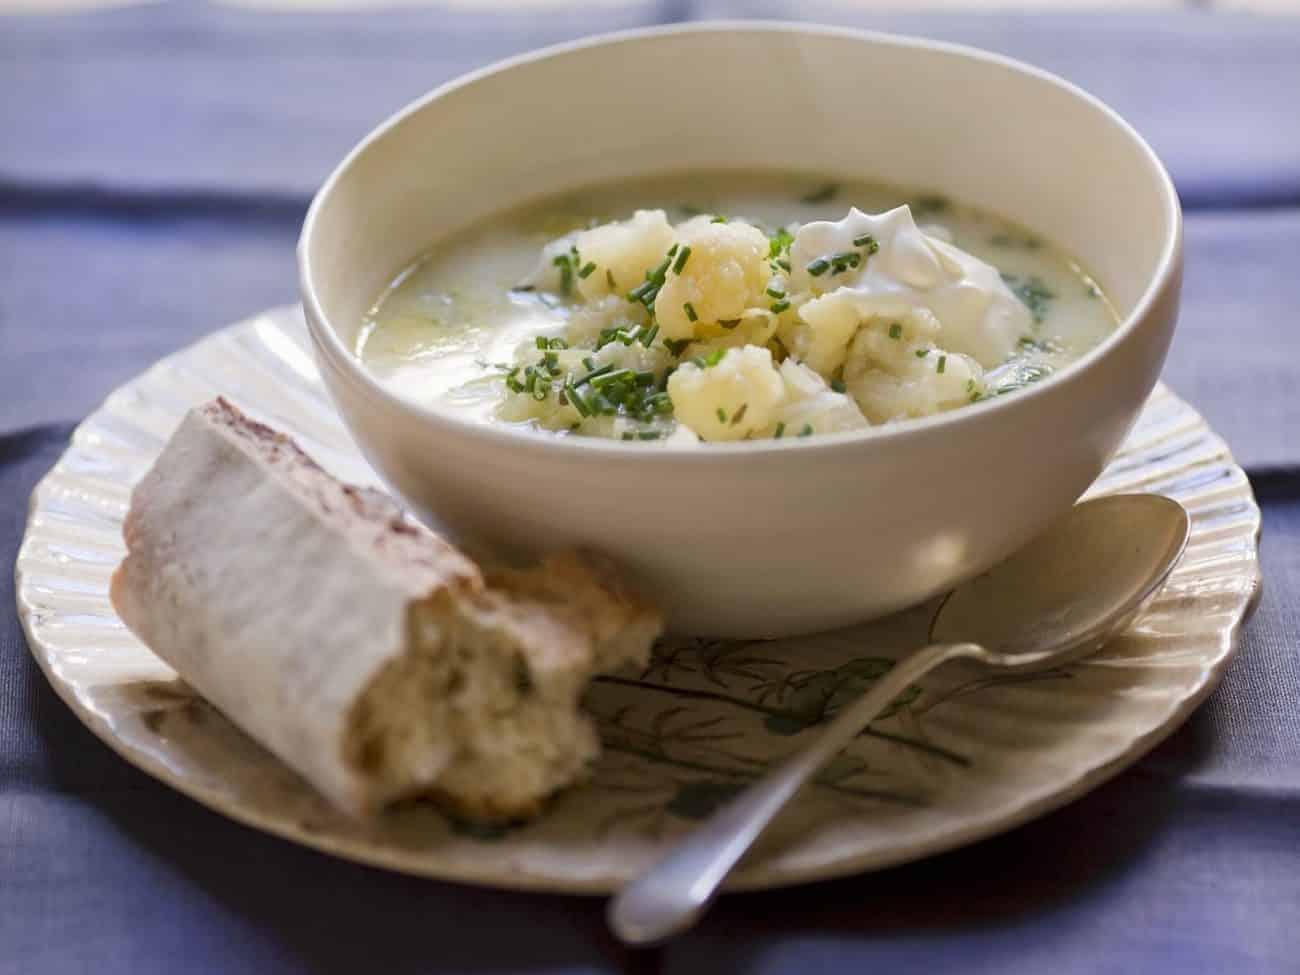 Cremige Blumenkohlsuppe mit Schlagsahne und Kartoffeln